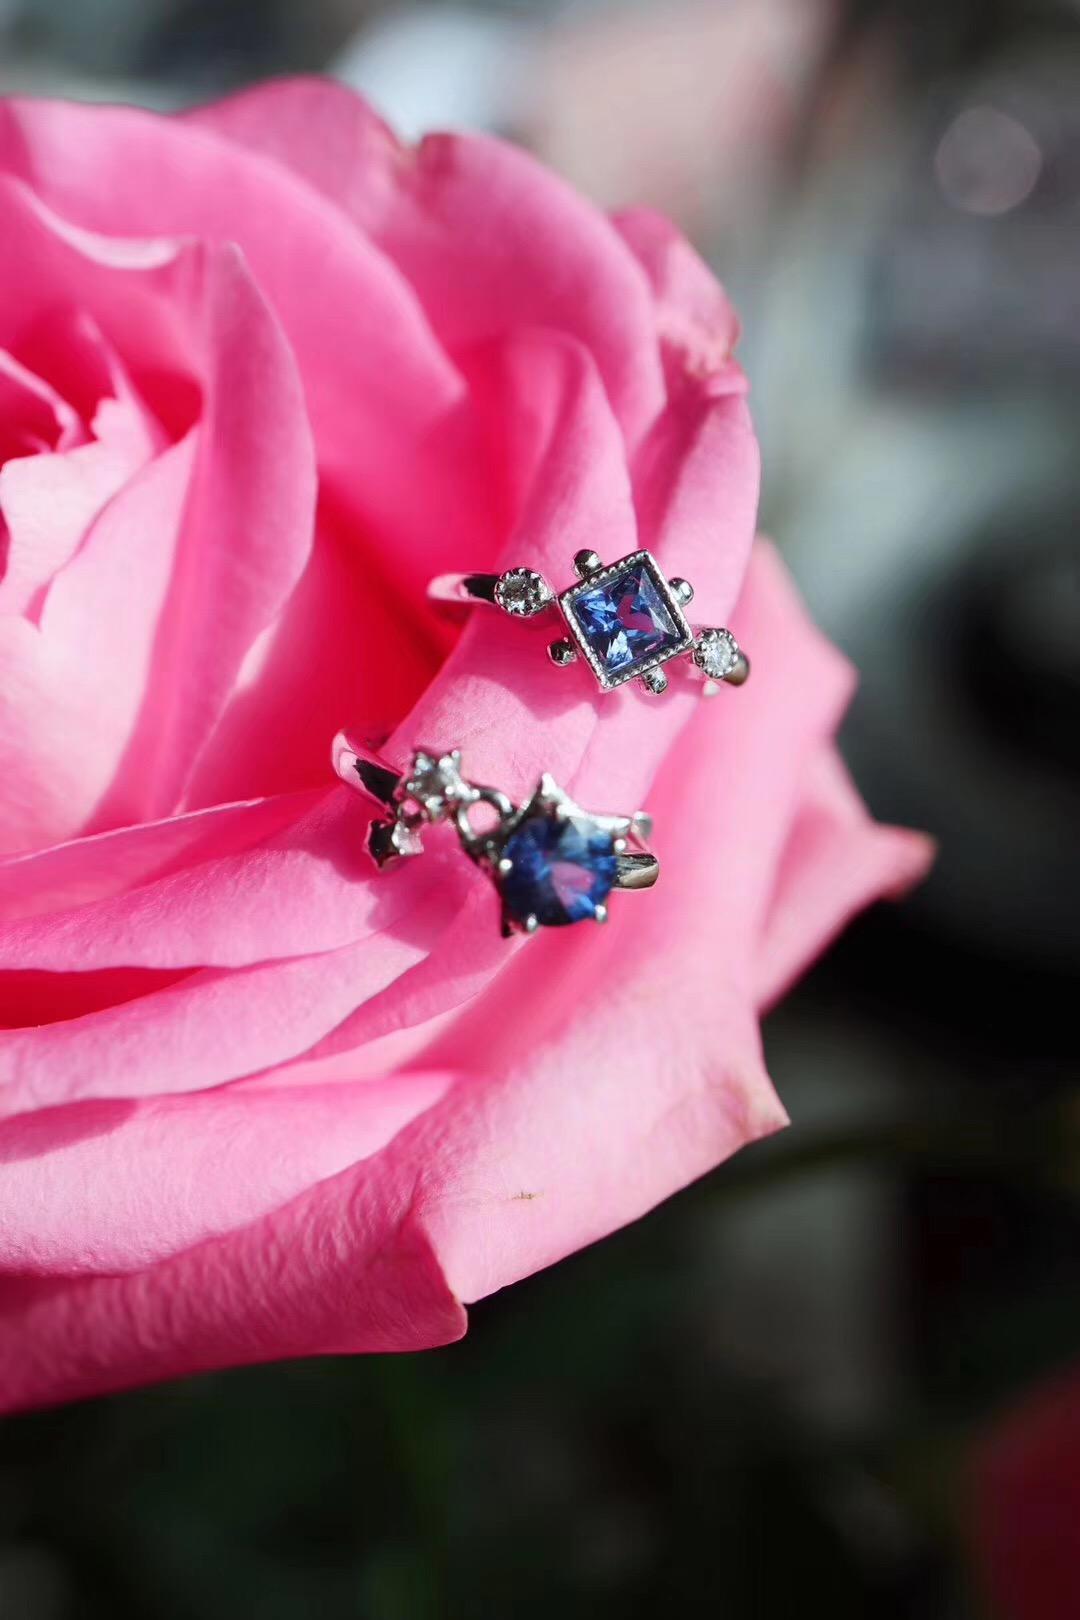 【菩心-蓝宝石&耳钉】即使是小清新的设计,也会显得贵气-菩心晶舍